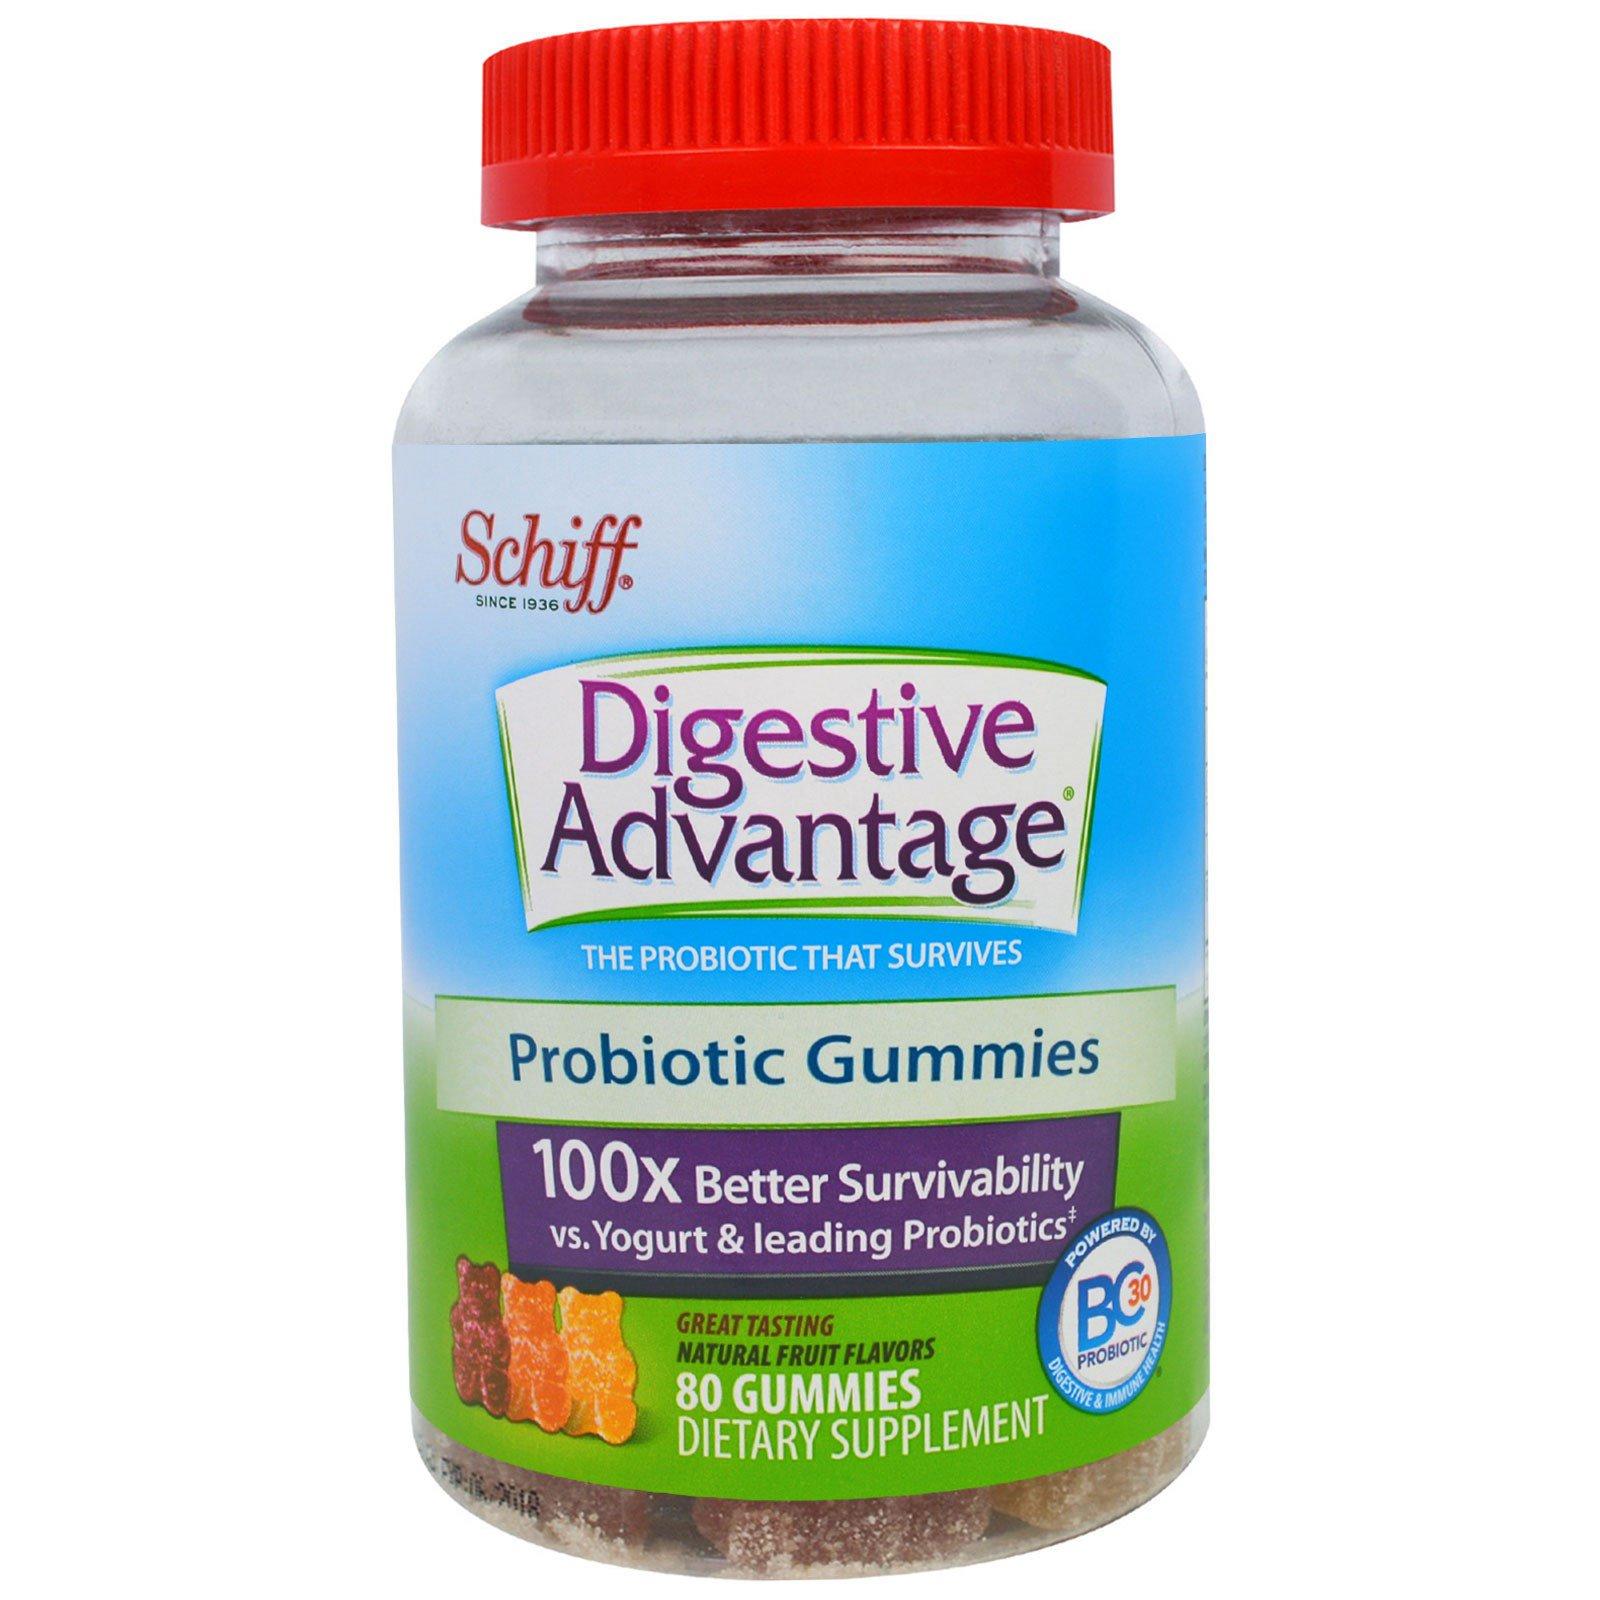 Schiff, Для Здорового Пищеварения, Жевательные Сладости с Пробиотиком, Натуральный Фруктовый Вкус, 80 штук